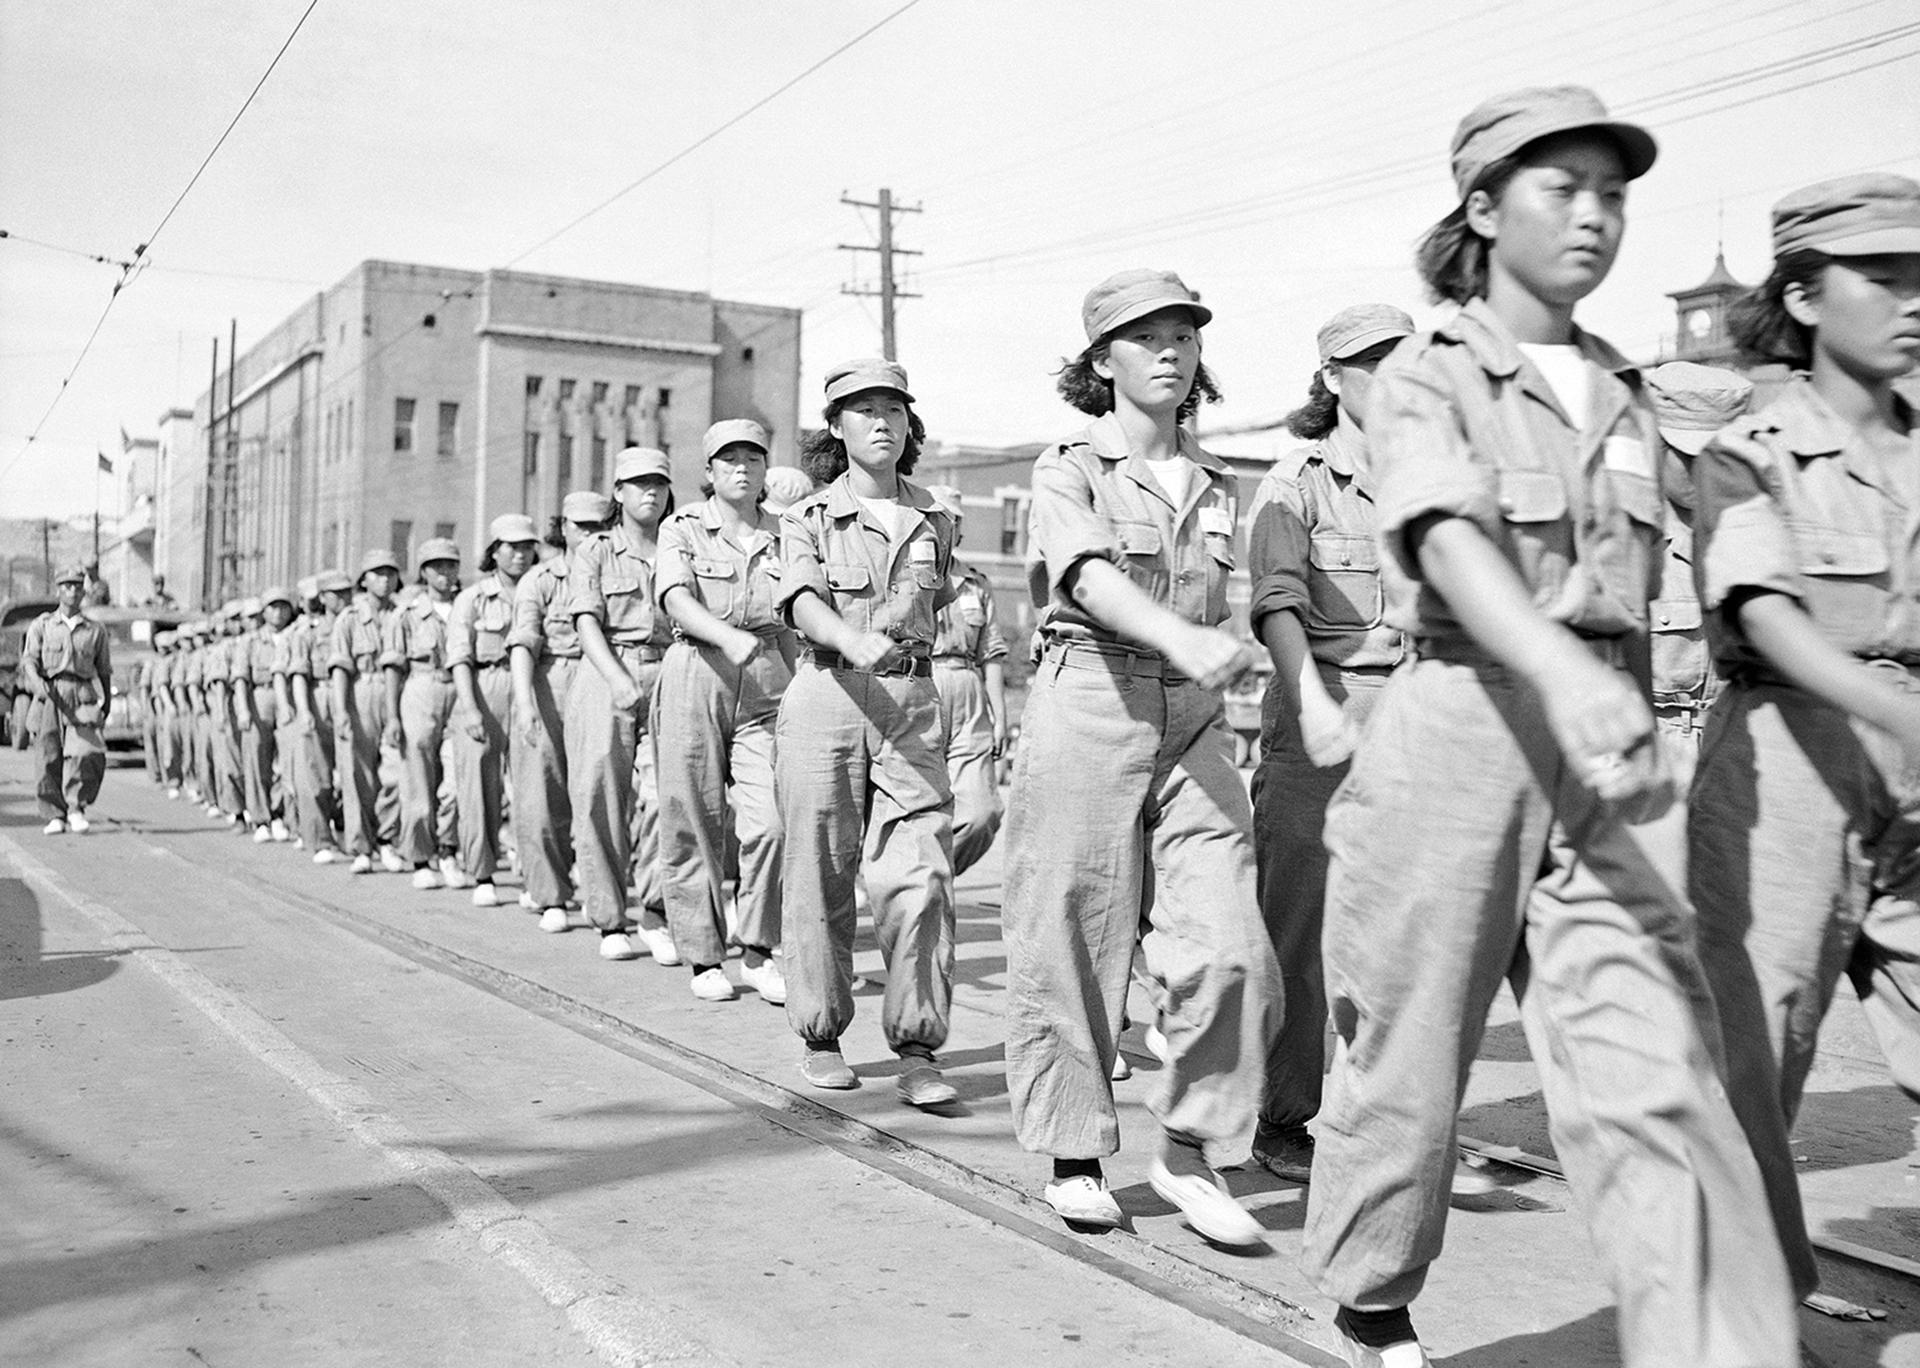 Mujeres surcoreanas a punto de unirse a la batalla, desfilan a través de Pusan, la ciudad principal de las Naciones Unidas en Corea, el 12 de septiembre, 1950 (AP)